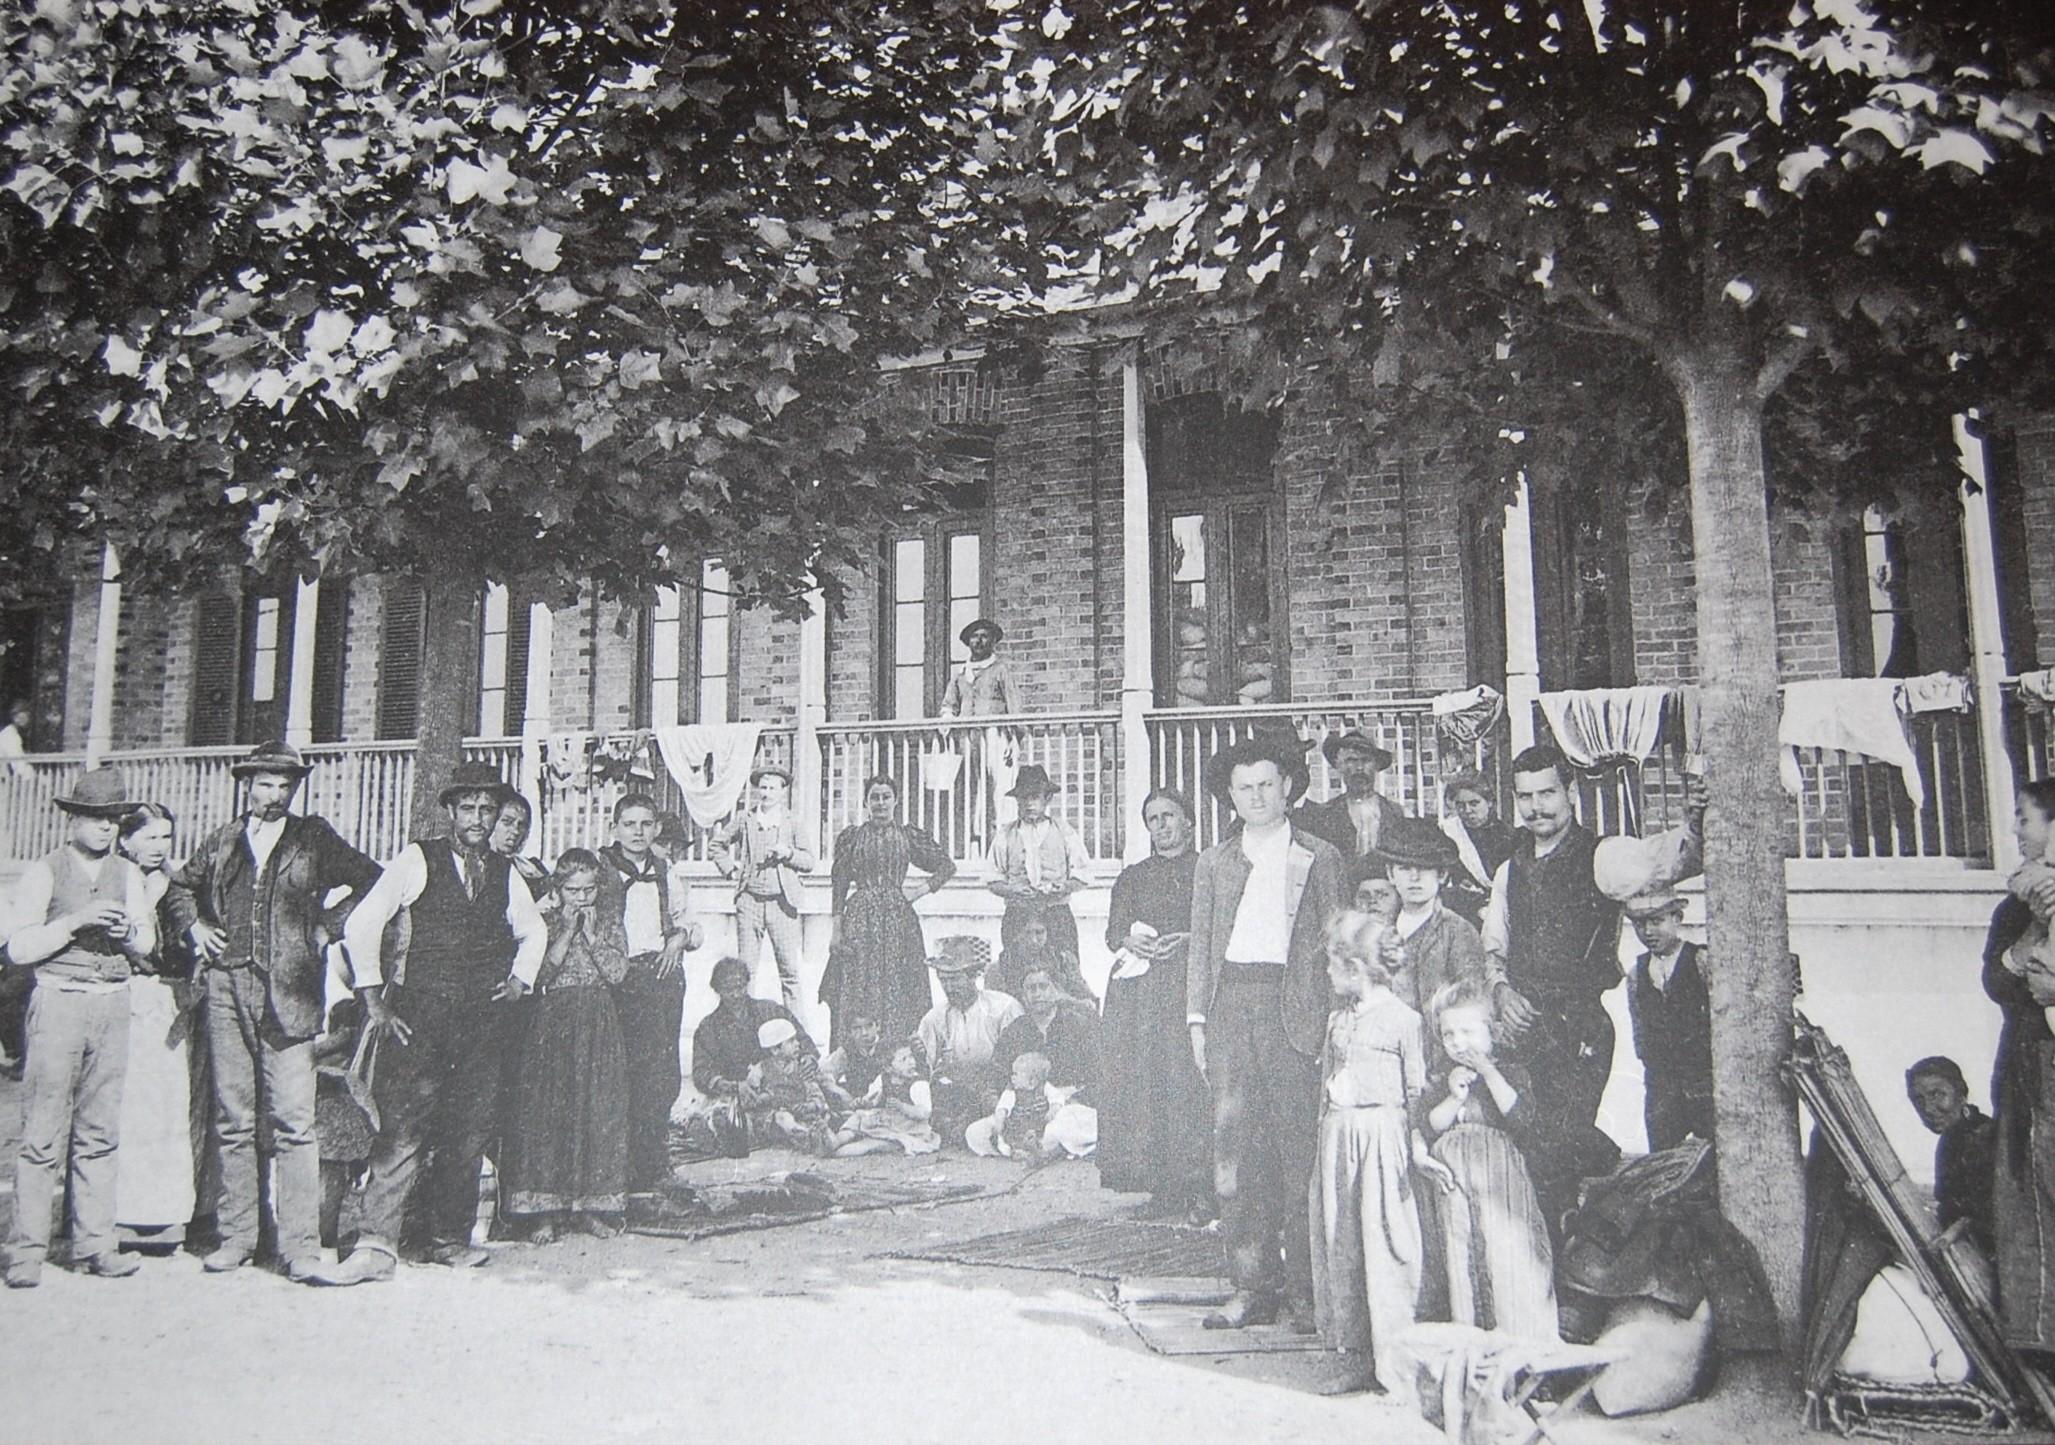 Imigrantes europeus em São Paulo, no final do século 19 (Foto: Wikimedia Commons)